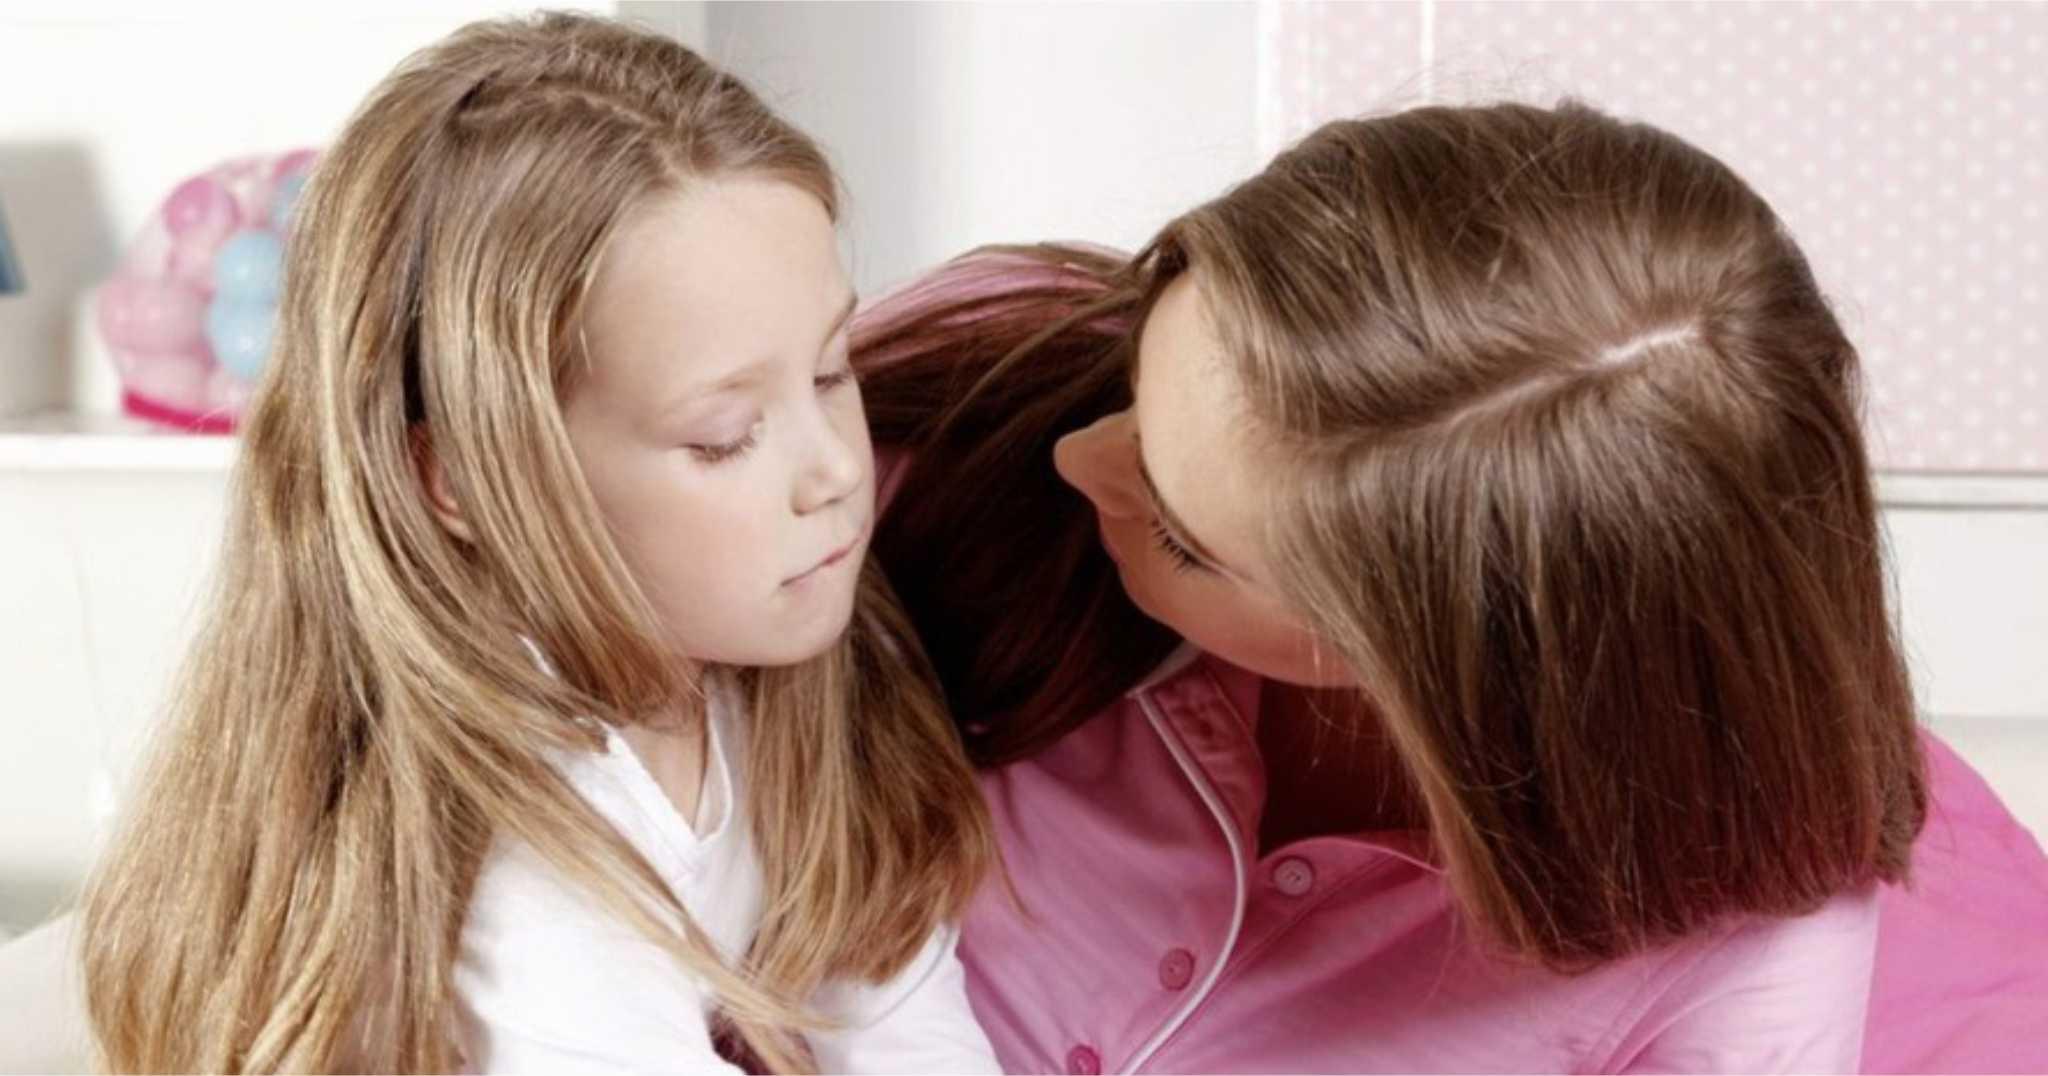 Οδηγός επικοινωνίας με τα παιδιά μας, κατά τη διάρκεια της πανδημίας του κορωνοϊού.